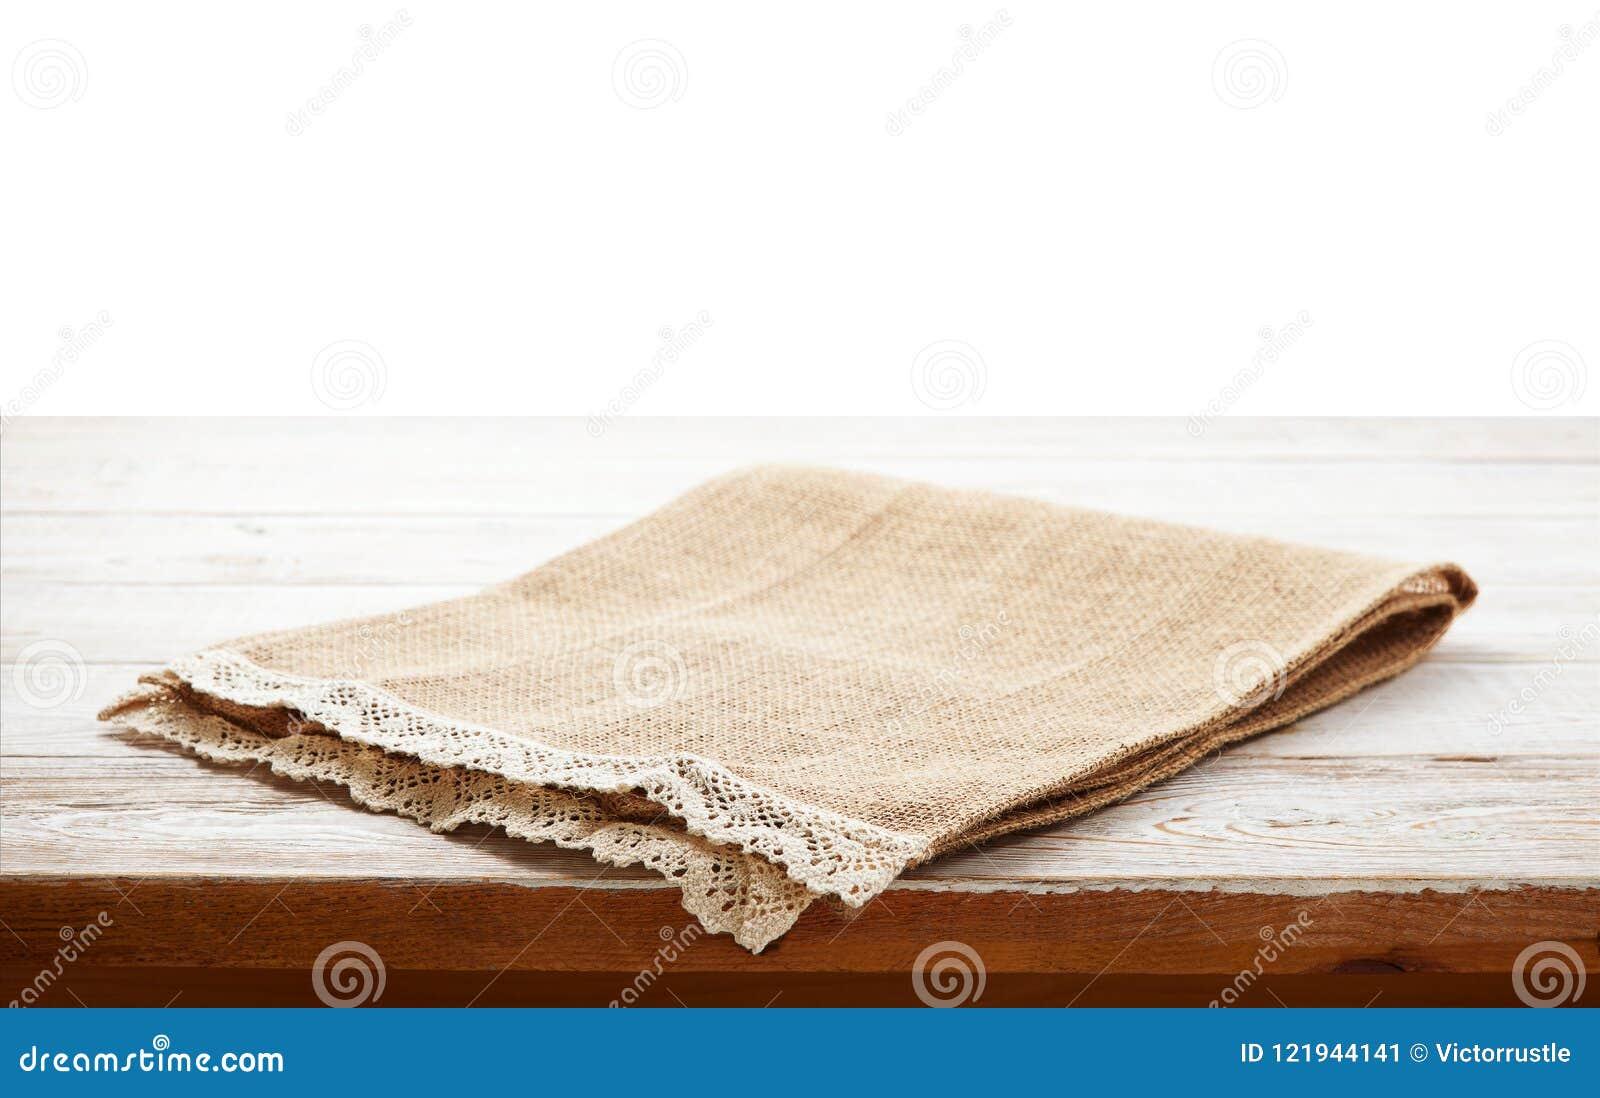 Tovagliolo della tela con pizzo, tovaglia sulla tavola di legno su fondo bianco possono usato per esposizione o il montaggio i vo